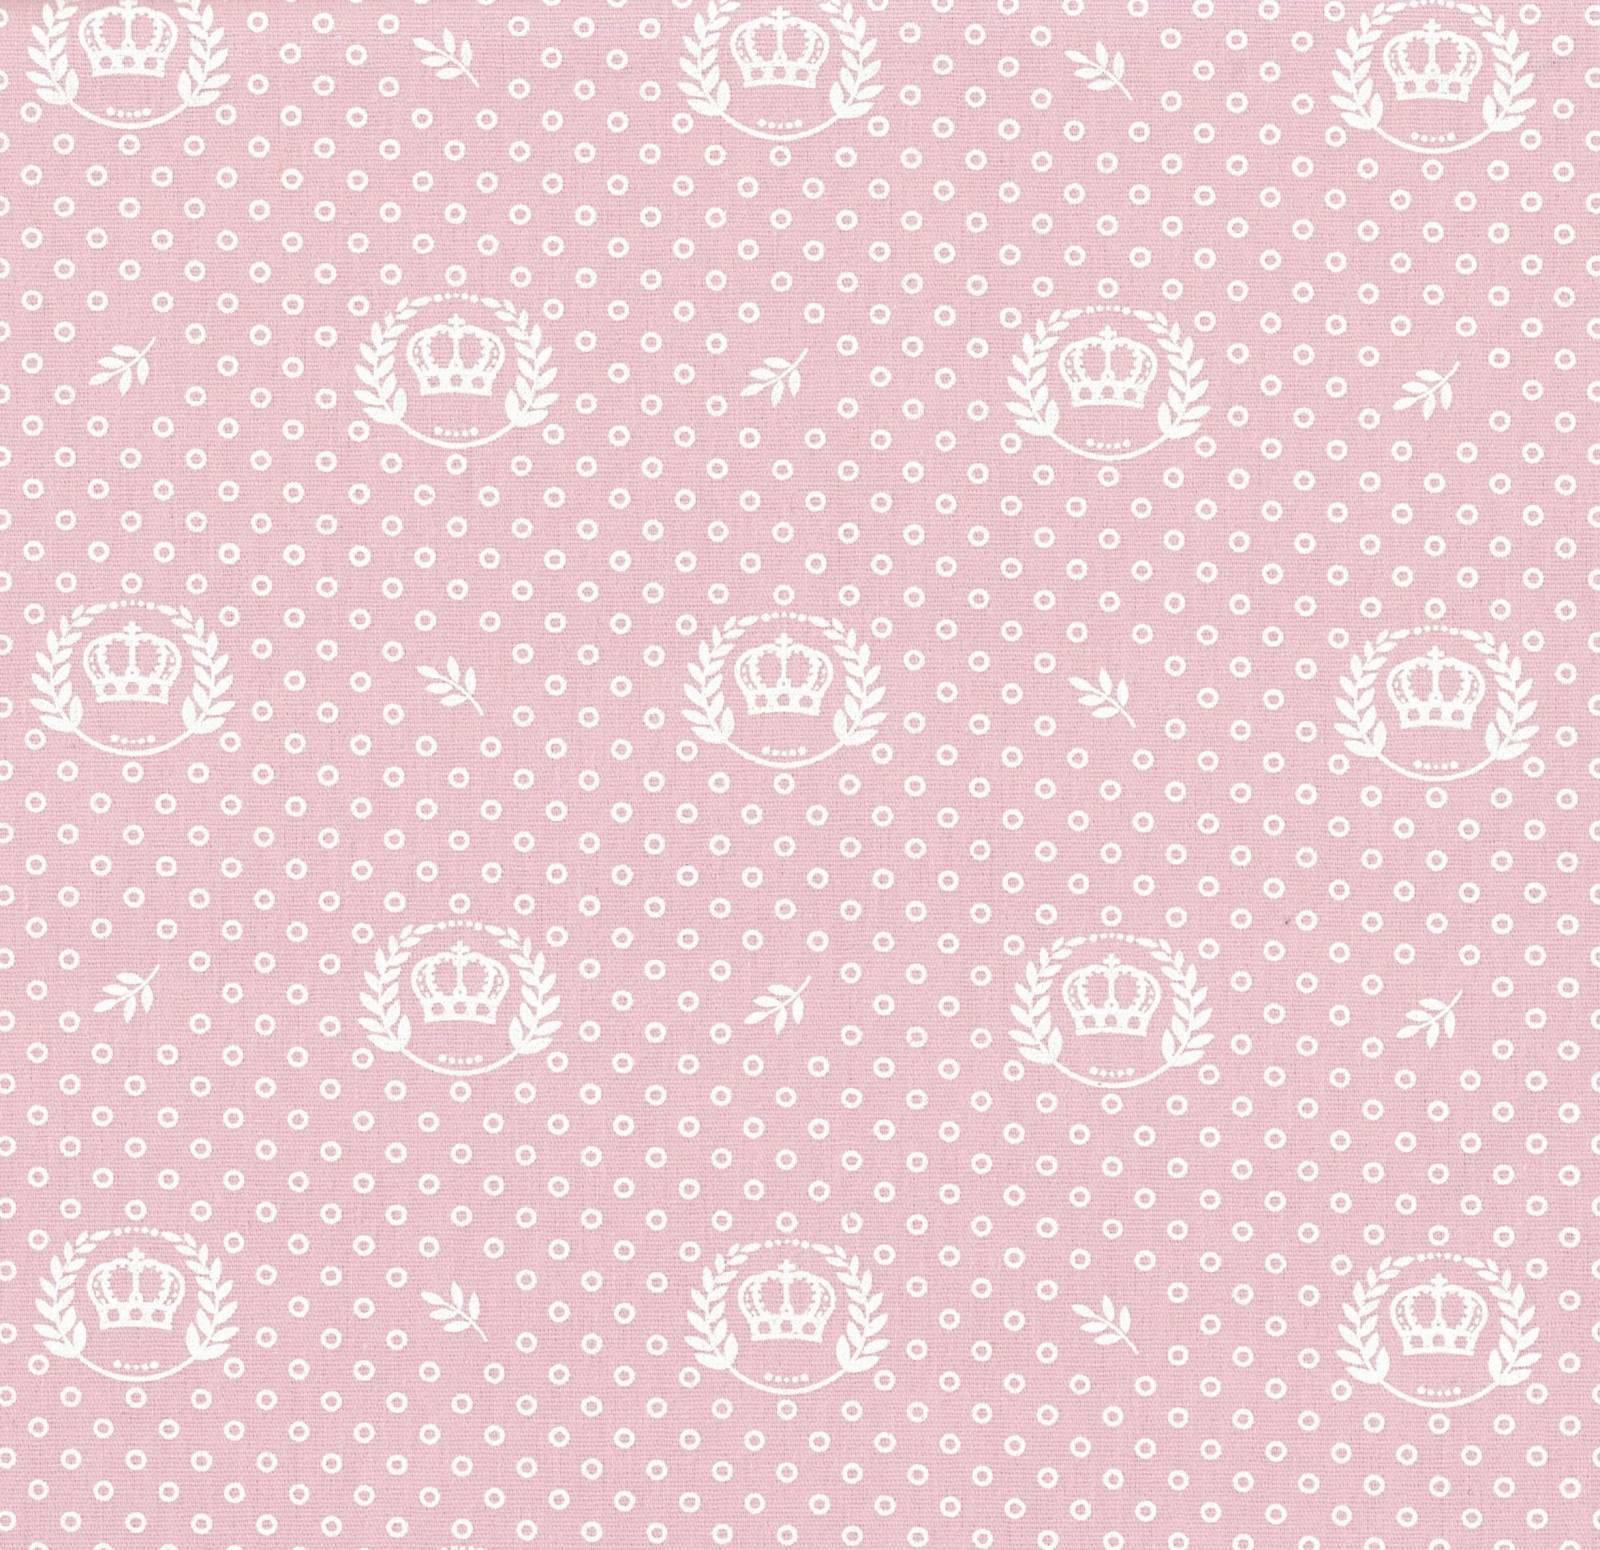 Coroas fundo rosa bebê Ref.1169 cor 81 Peripan - Armarinhos Nodari